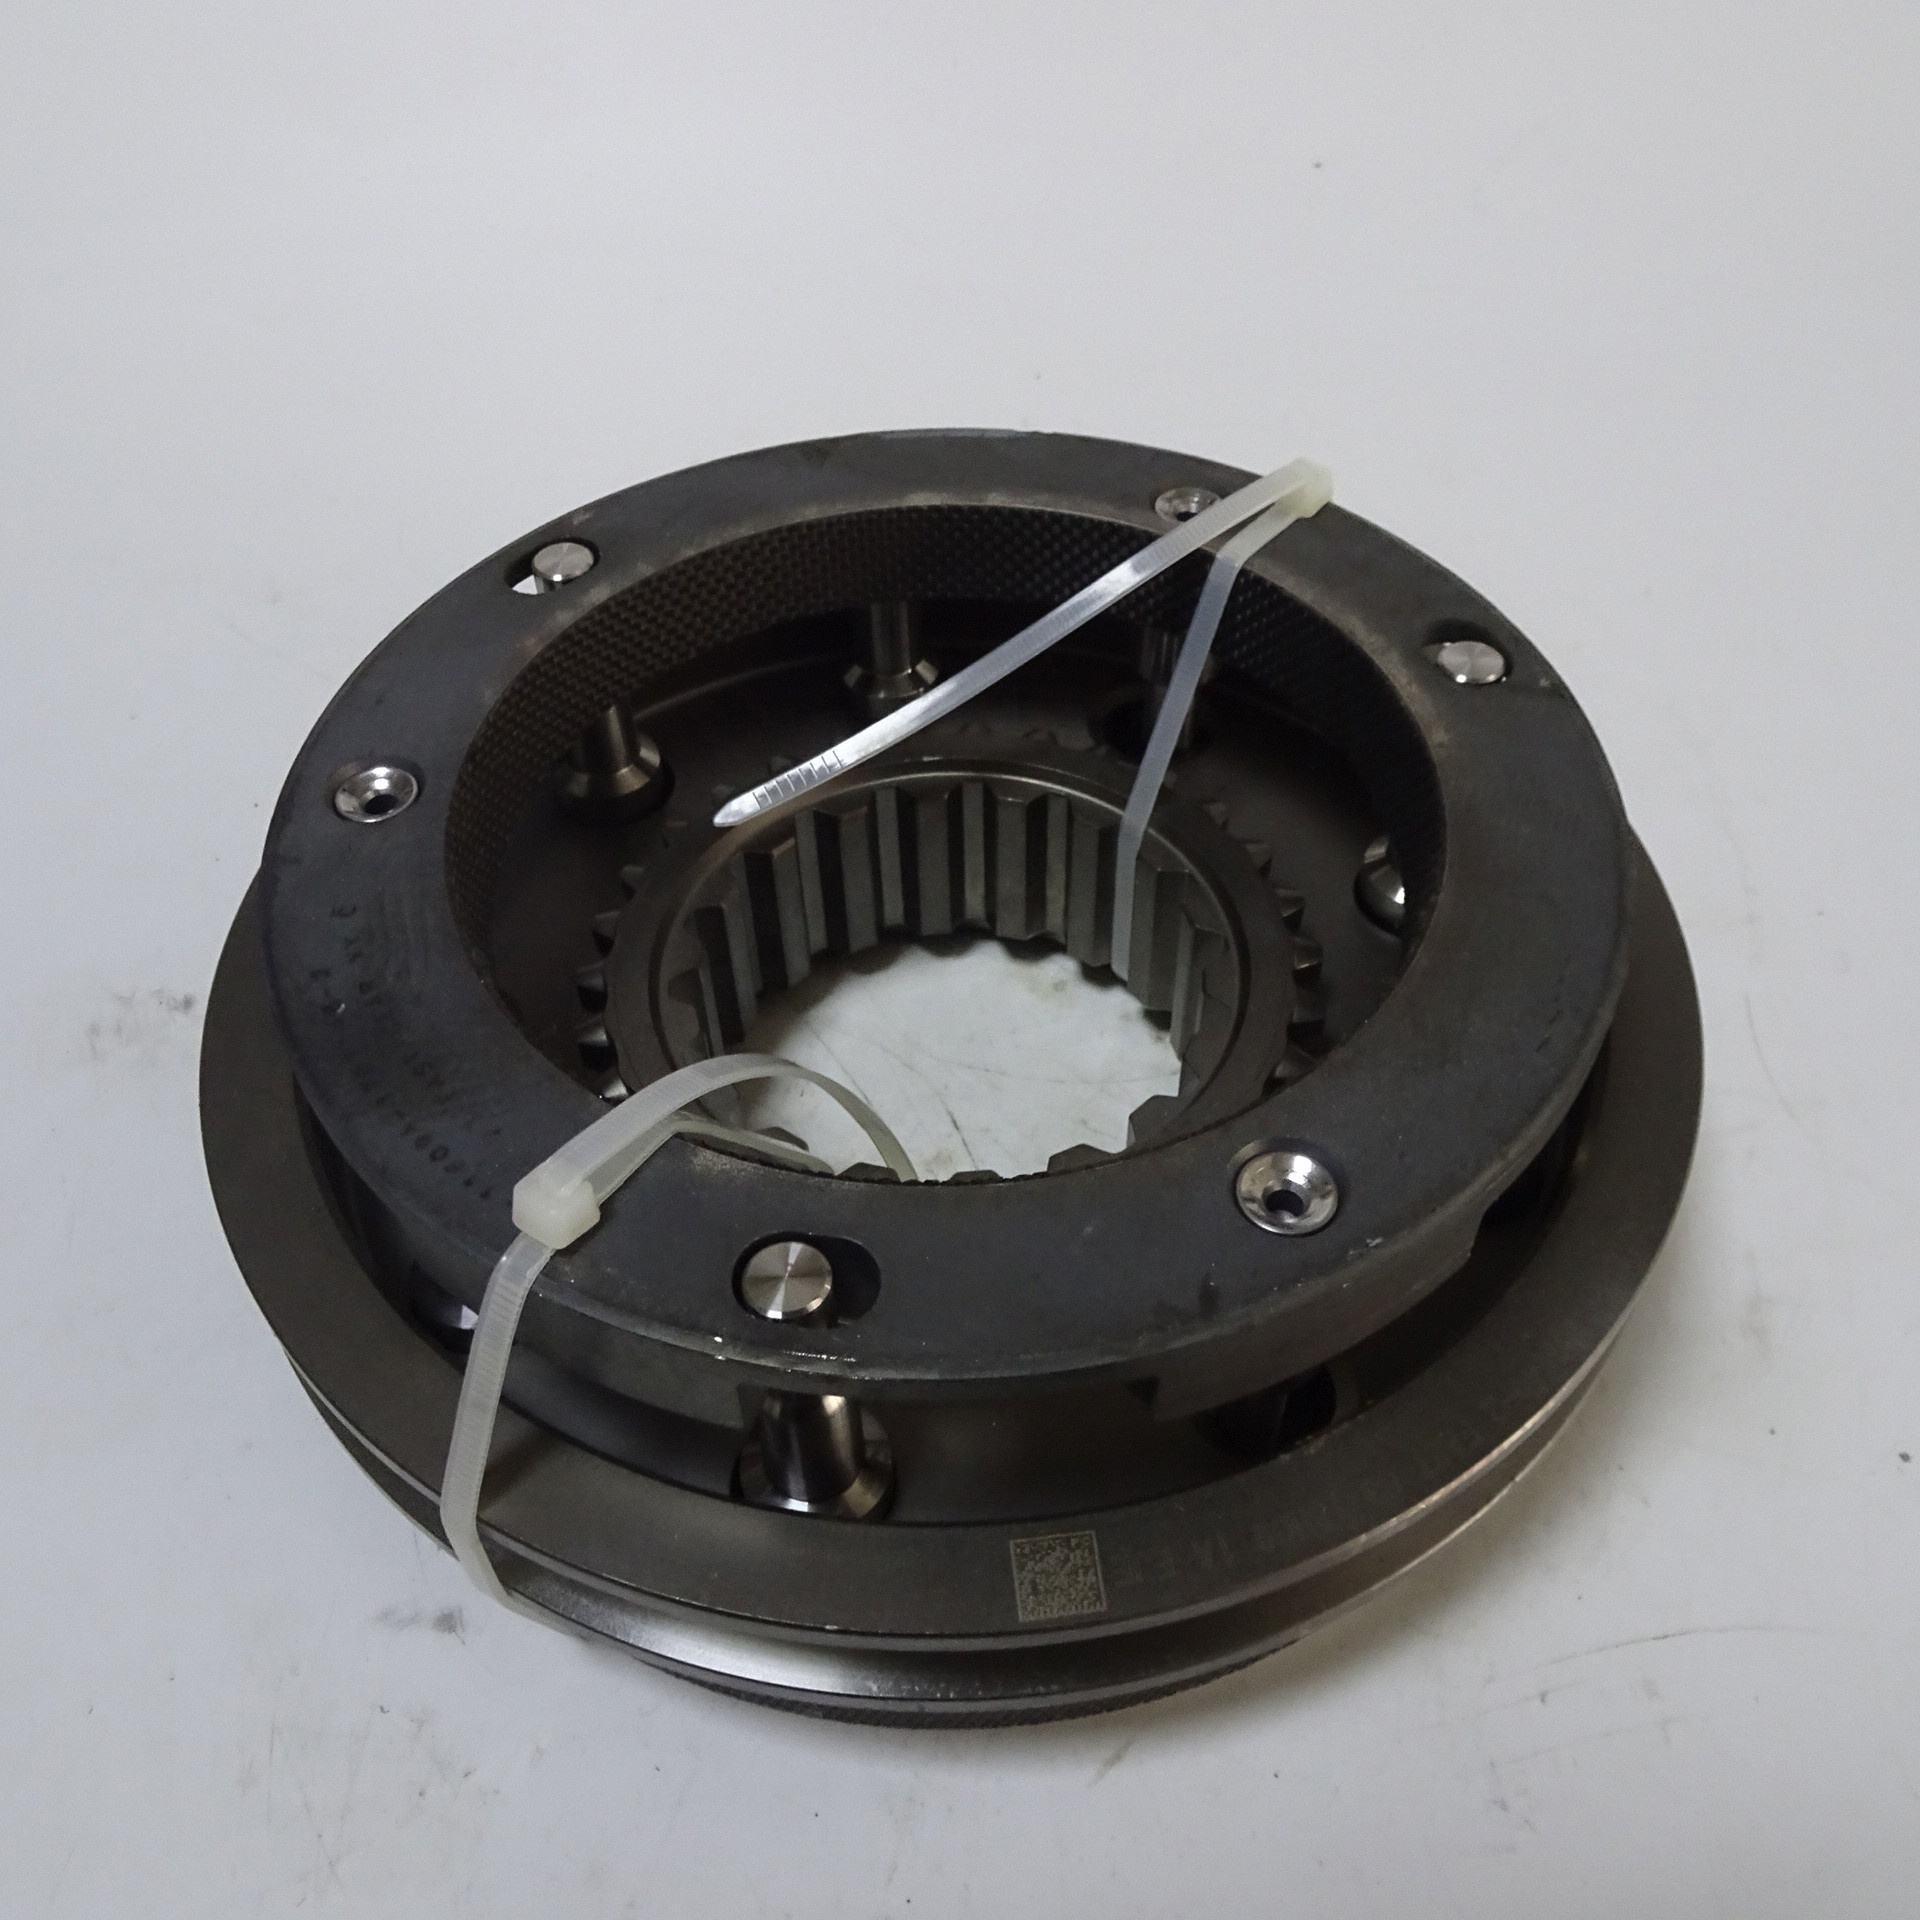 Запчасти gear box быстрая Трансмиссия синхронизатор assembly 12JSD160T-1707140-2 для грузовика